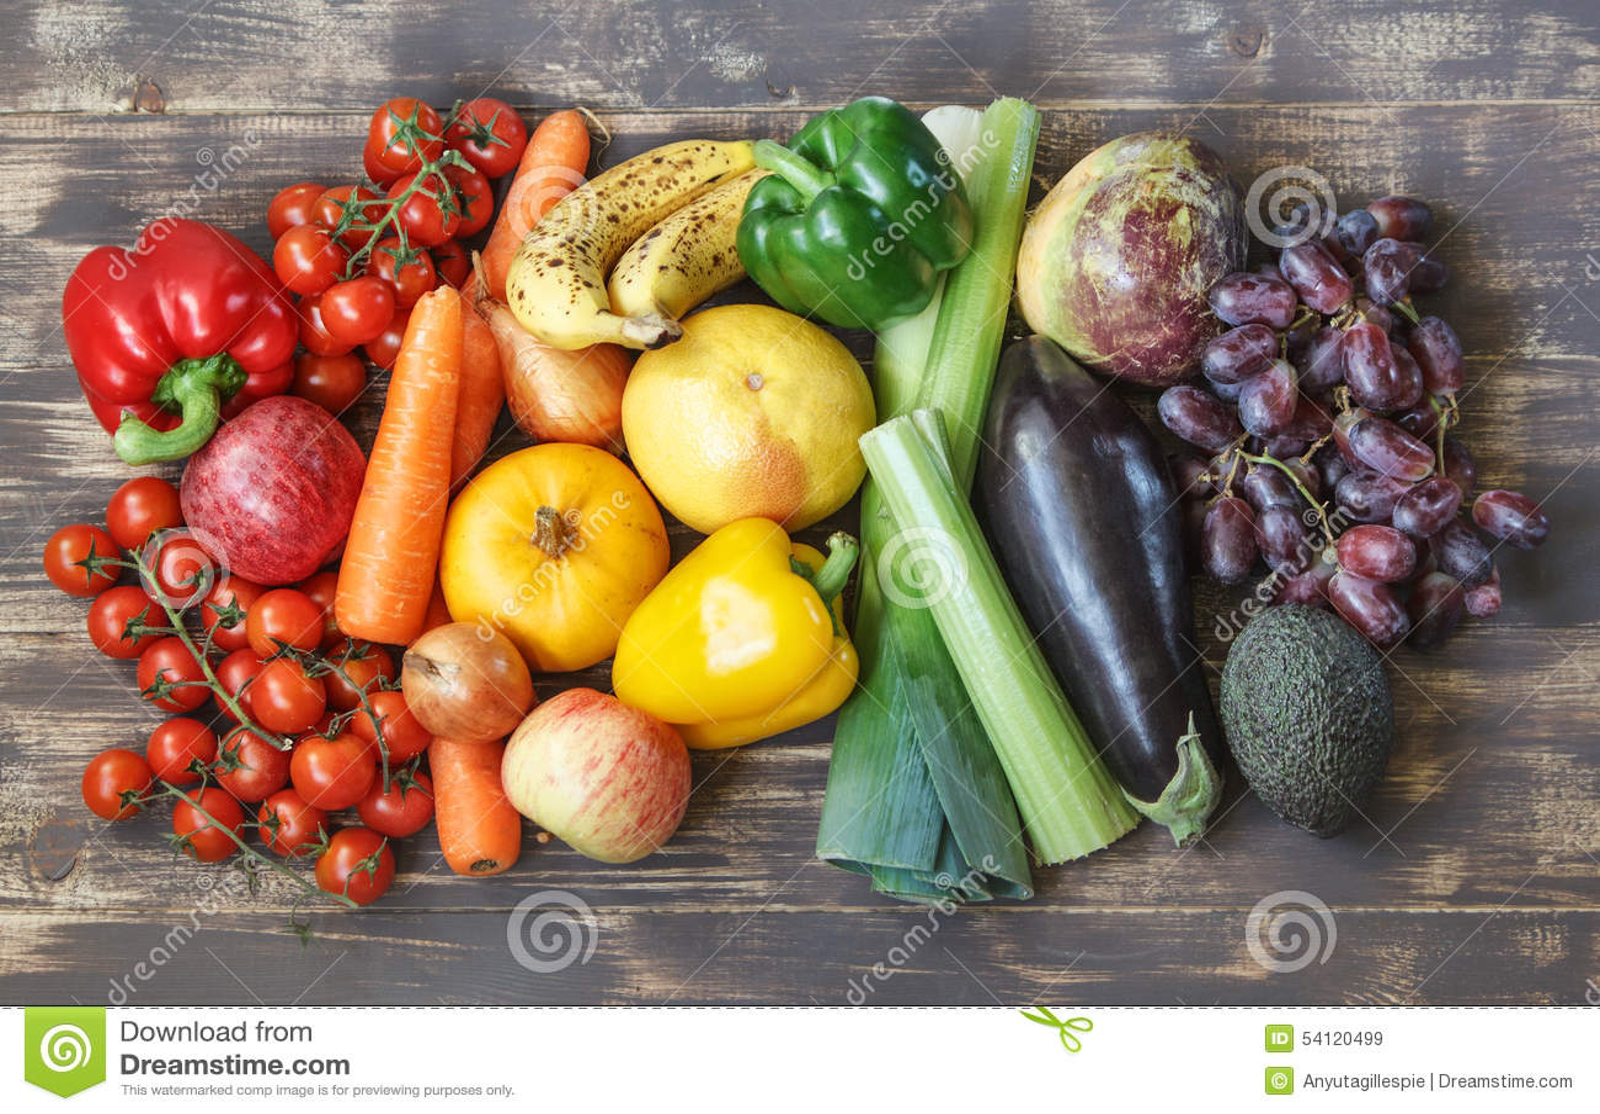 Фото еды с фруктами и овощами в плане радуги